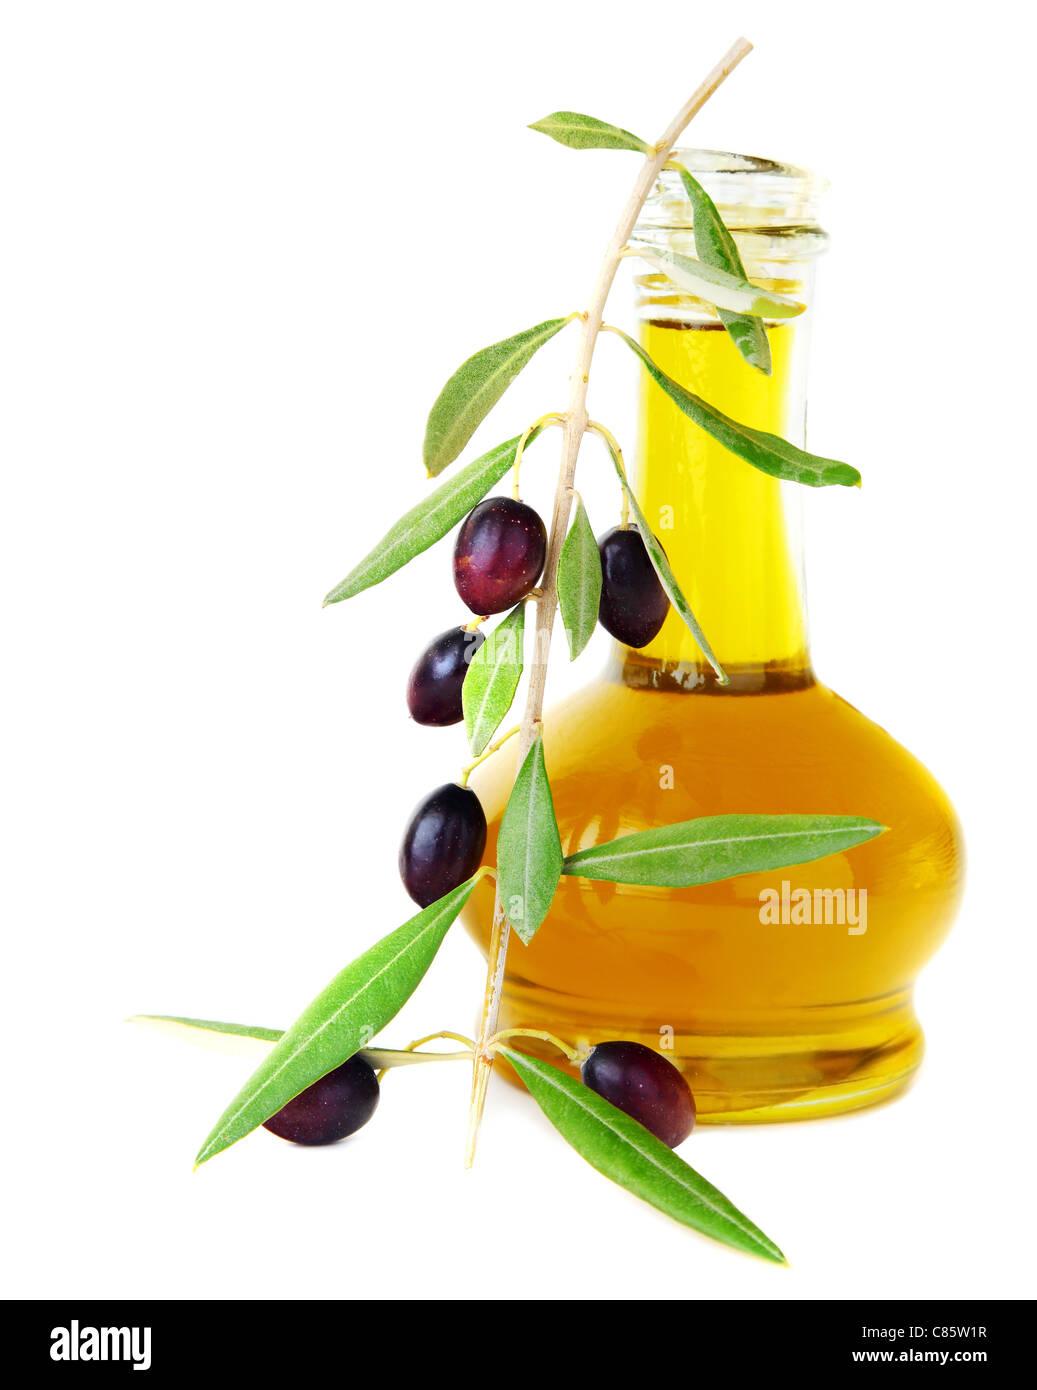 Fresh black olives & olive oil isolated on white background - Stock Image